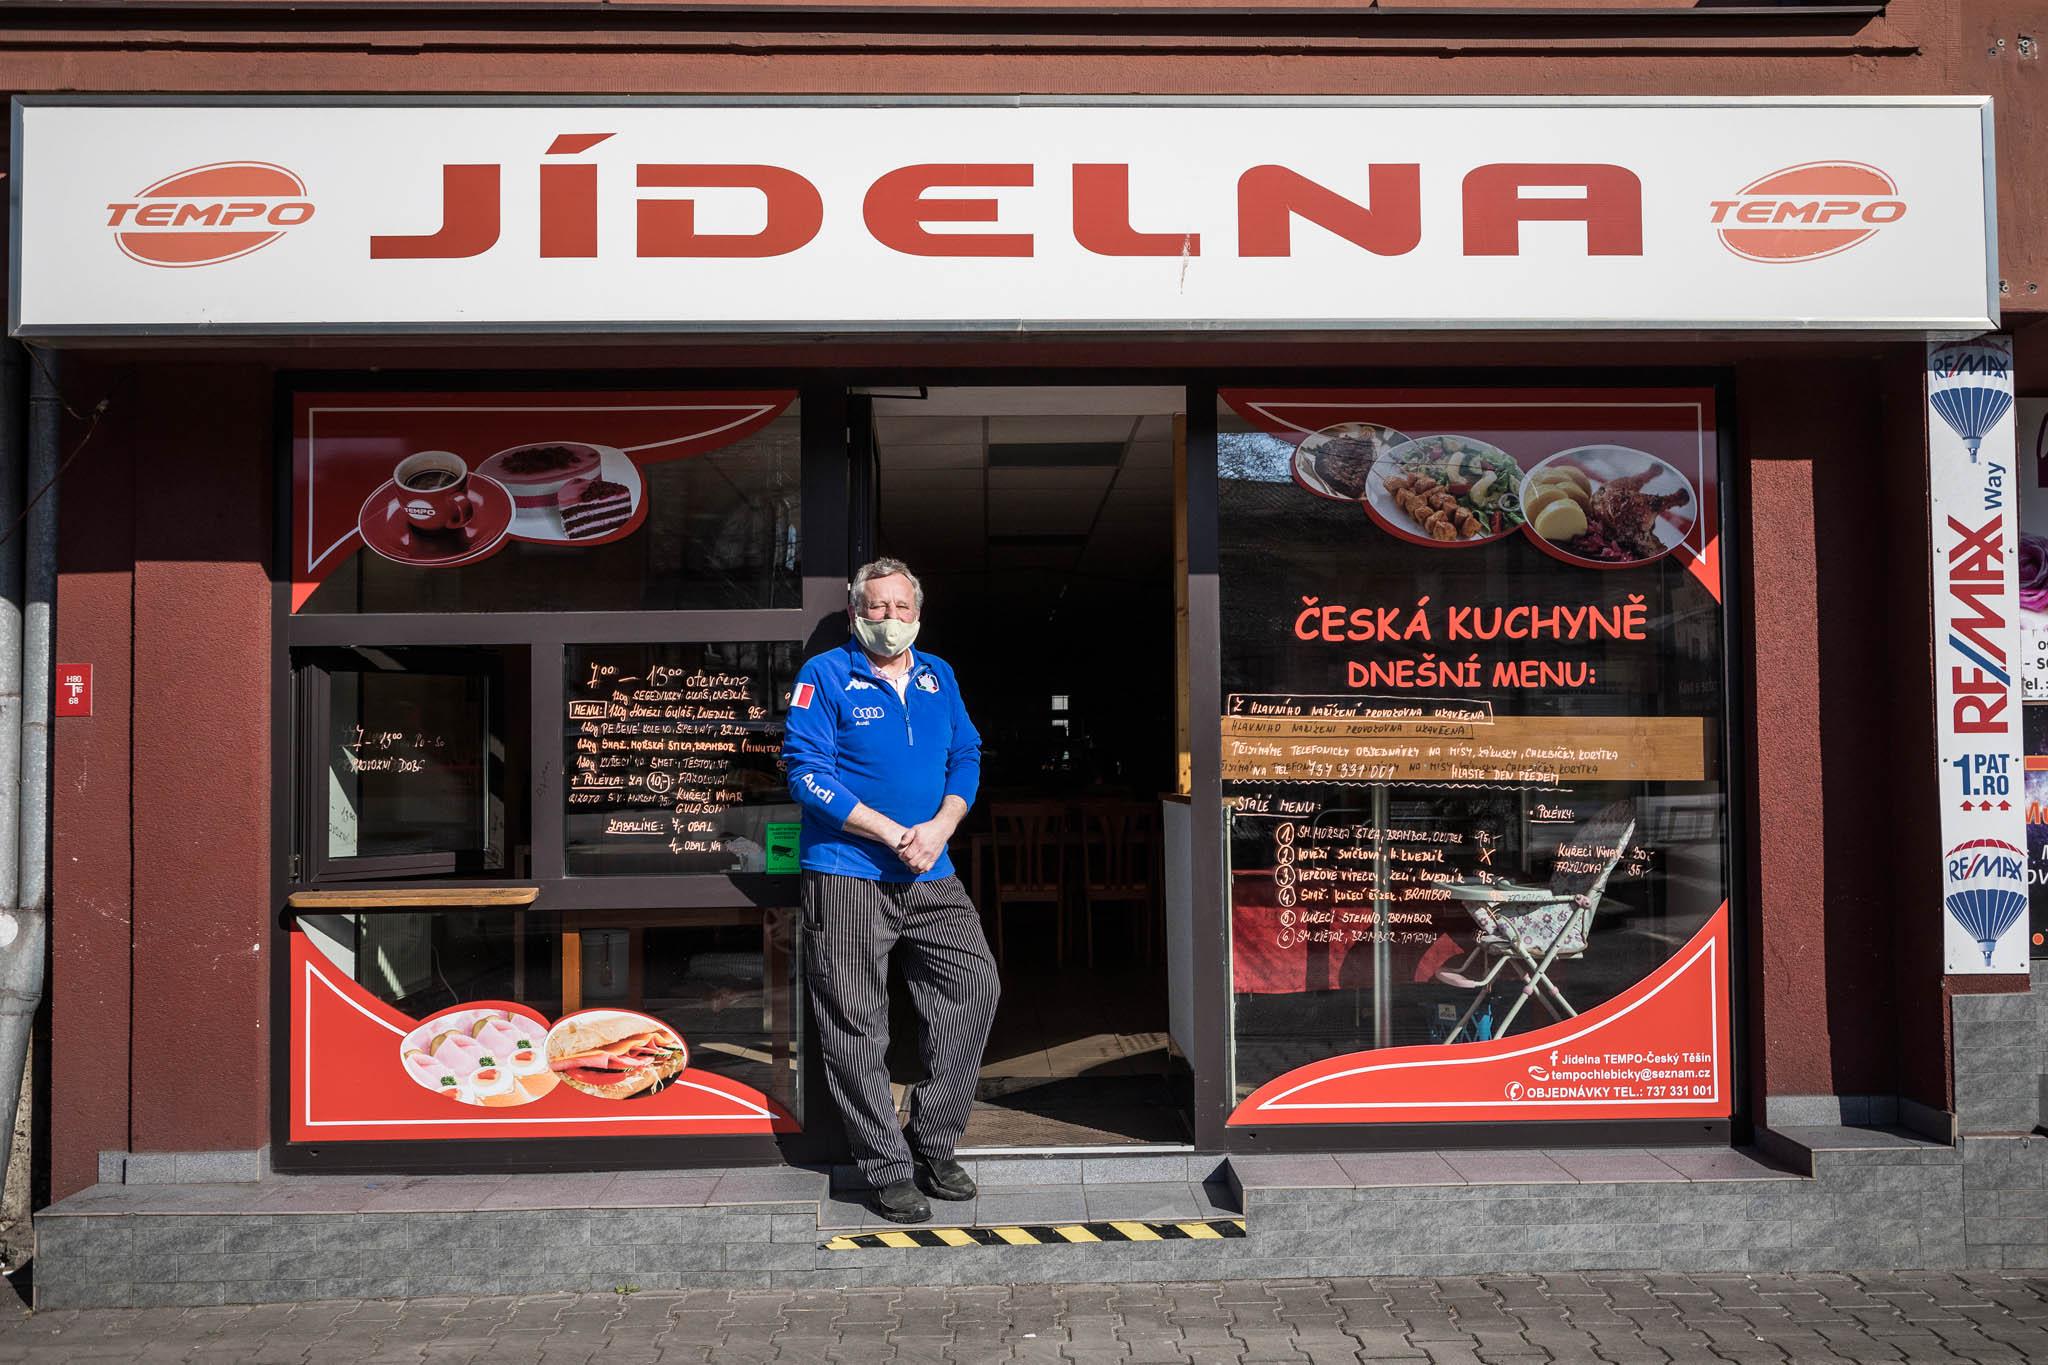 Podnik bezhostů: Dojídelny Tempo naproti těšínskému vlakovému nádraží si kvýdejnímu okénku chodí pro jídla jen zlomek dřívějších hostů, říká její šéf Milan Bára.